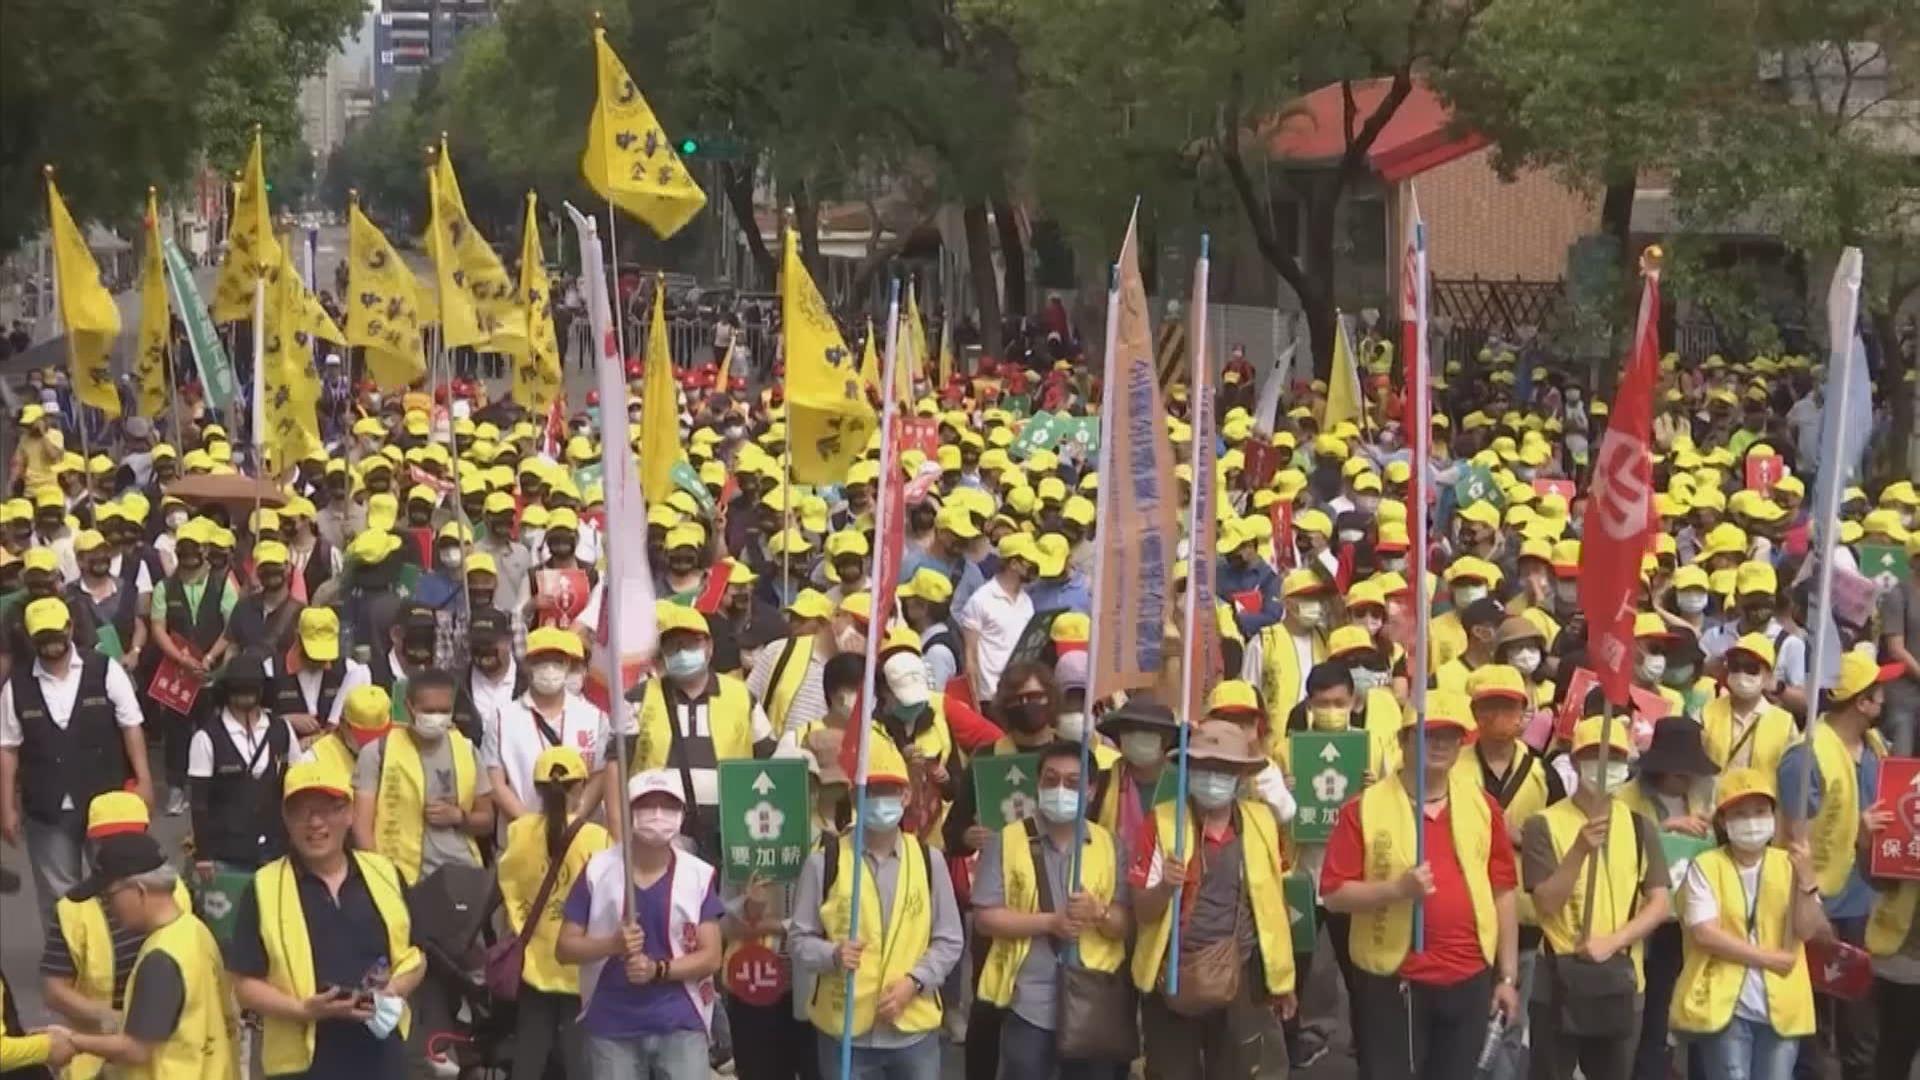 全球多地趁勞動節示威爭取工人權益